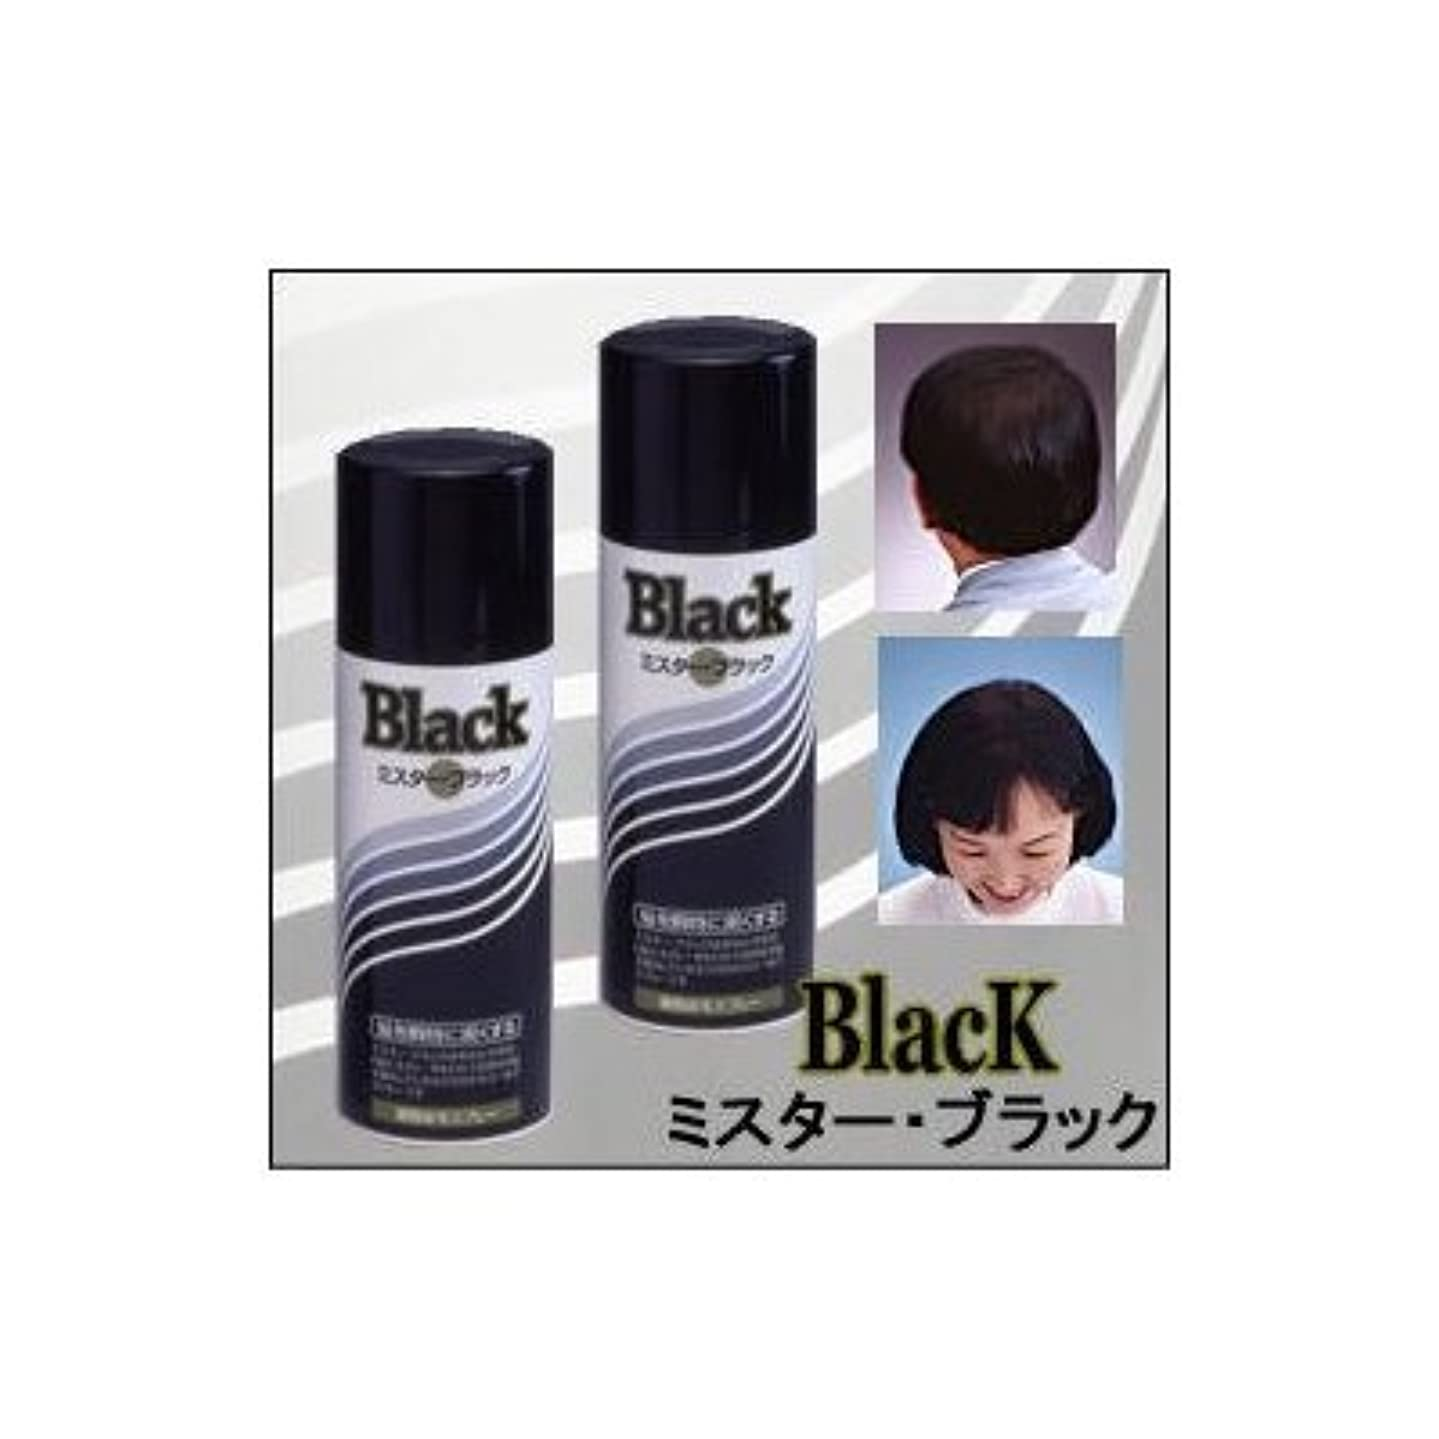 常にウィンク授業料『ミスターブラック ? 男女兼用』 薄毛対策スプレー  瞬時に対応 ?染毛料? 日本製 (2本組)